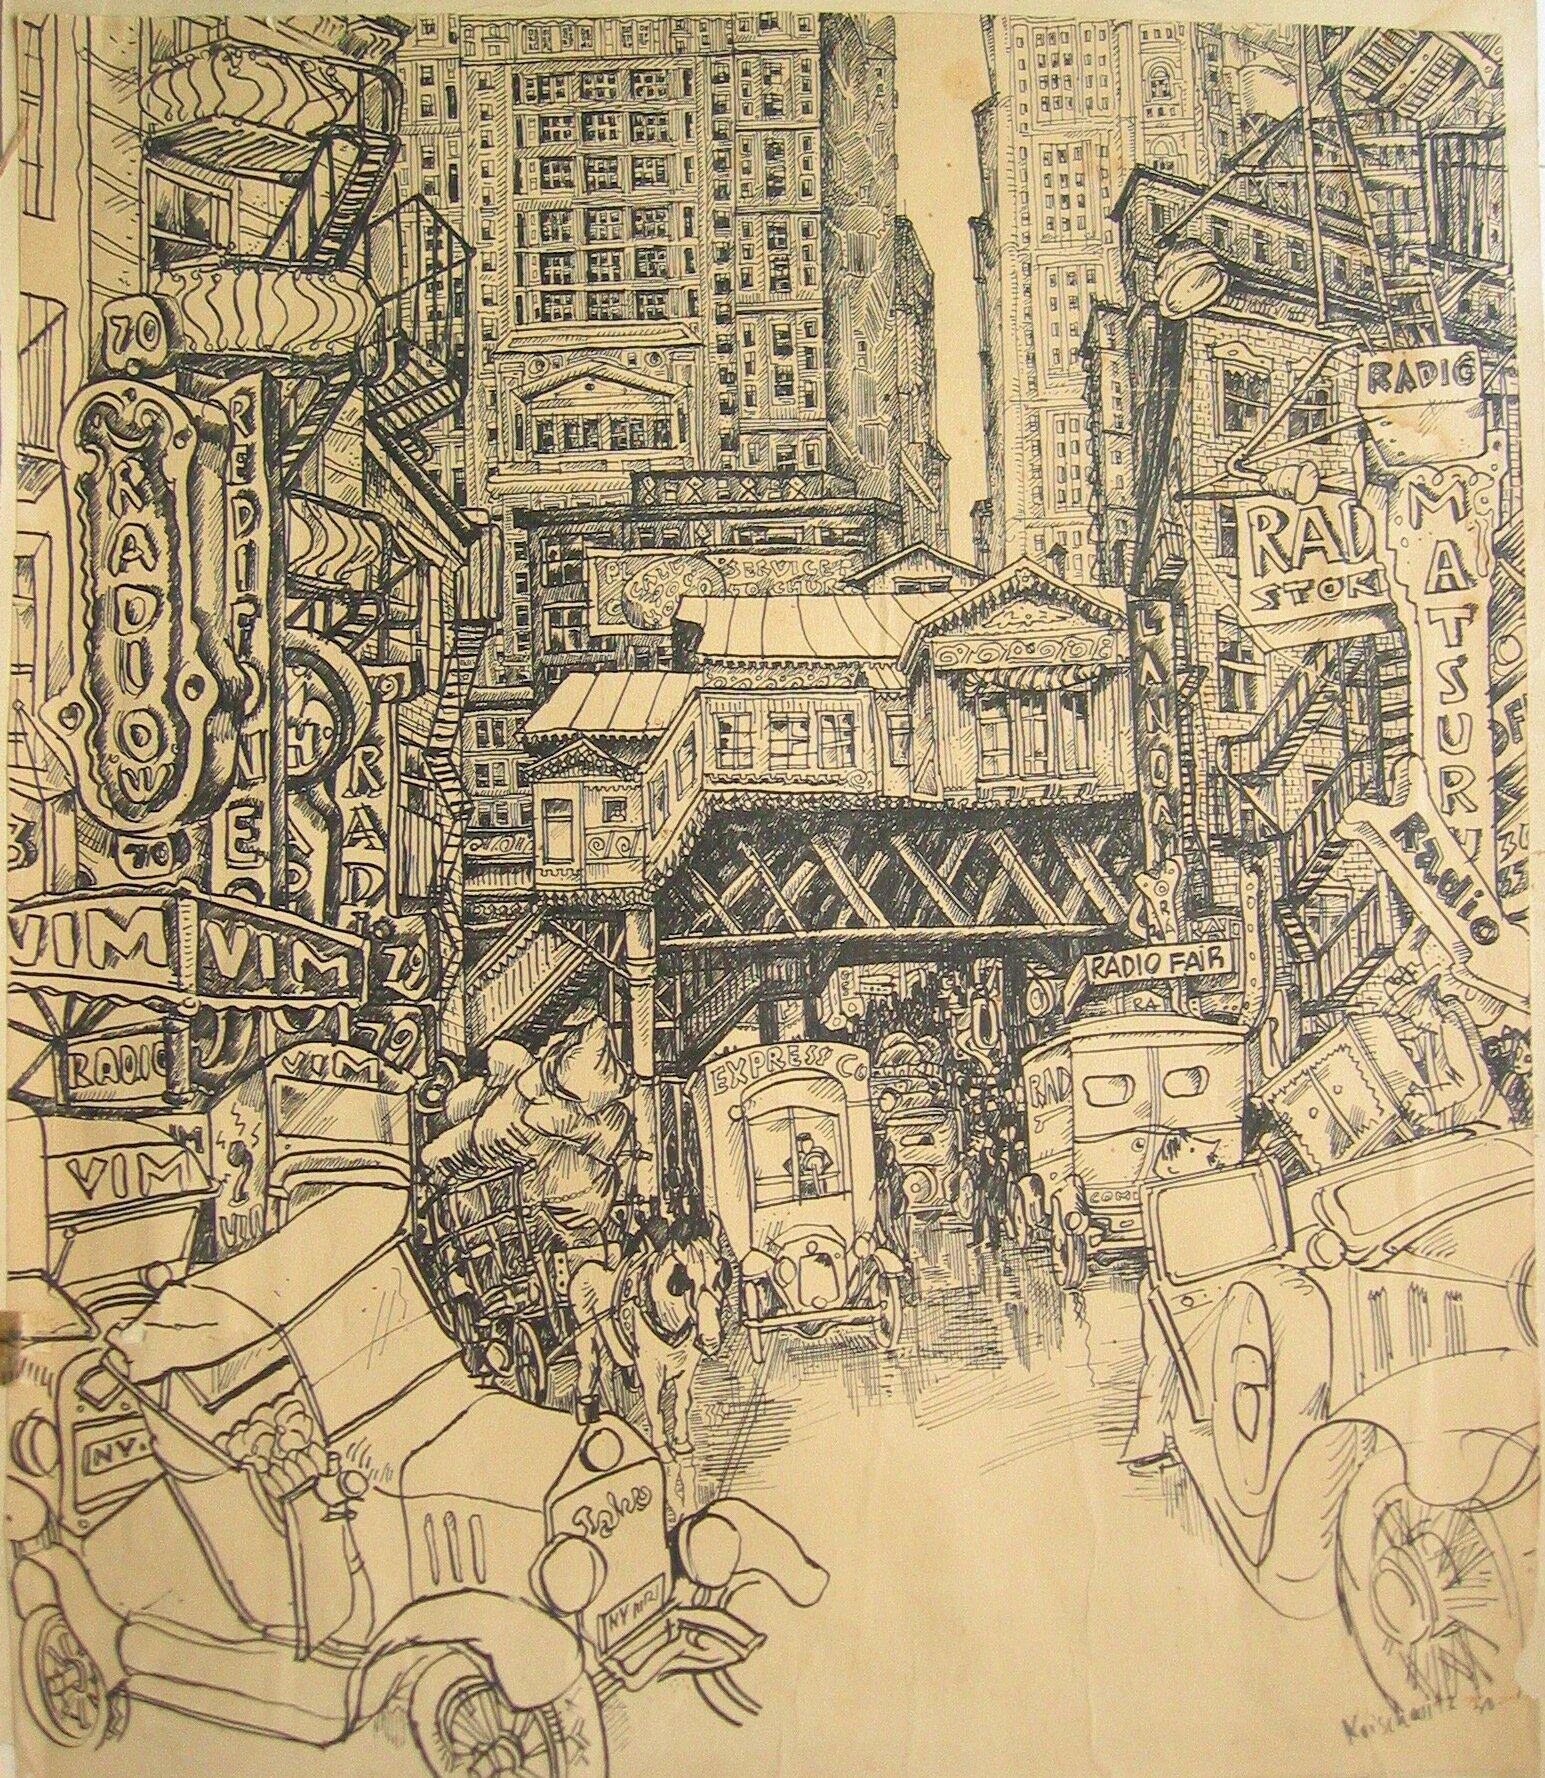 NY city pen and ink 1930